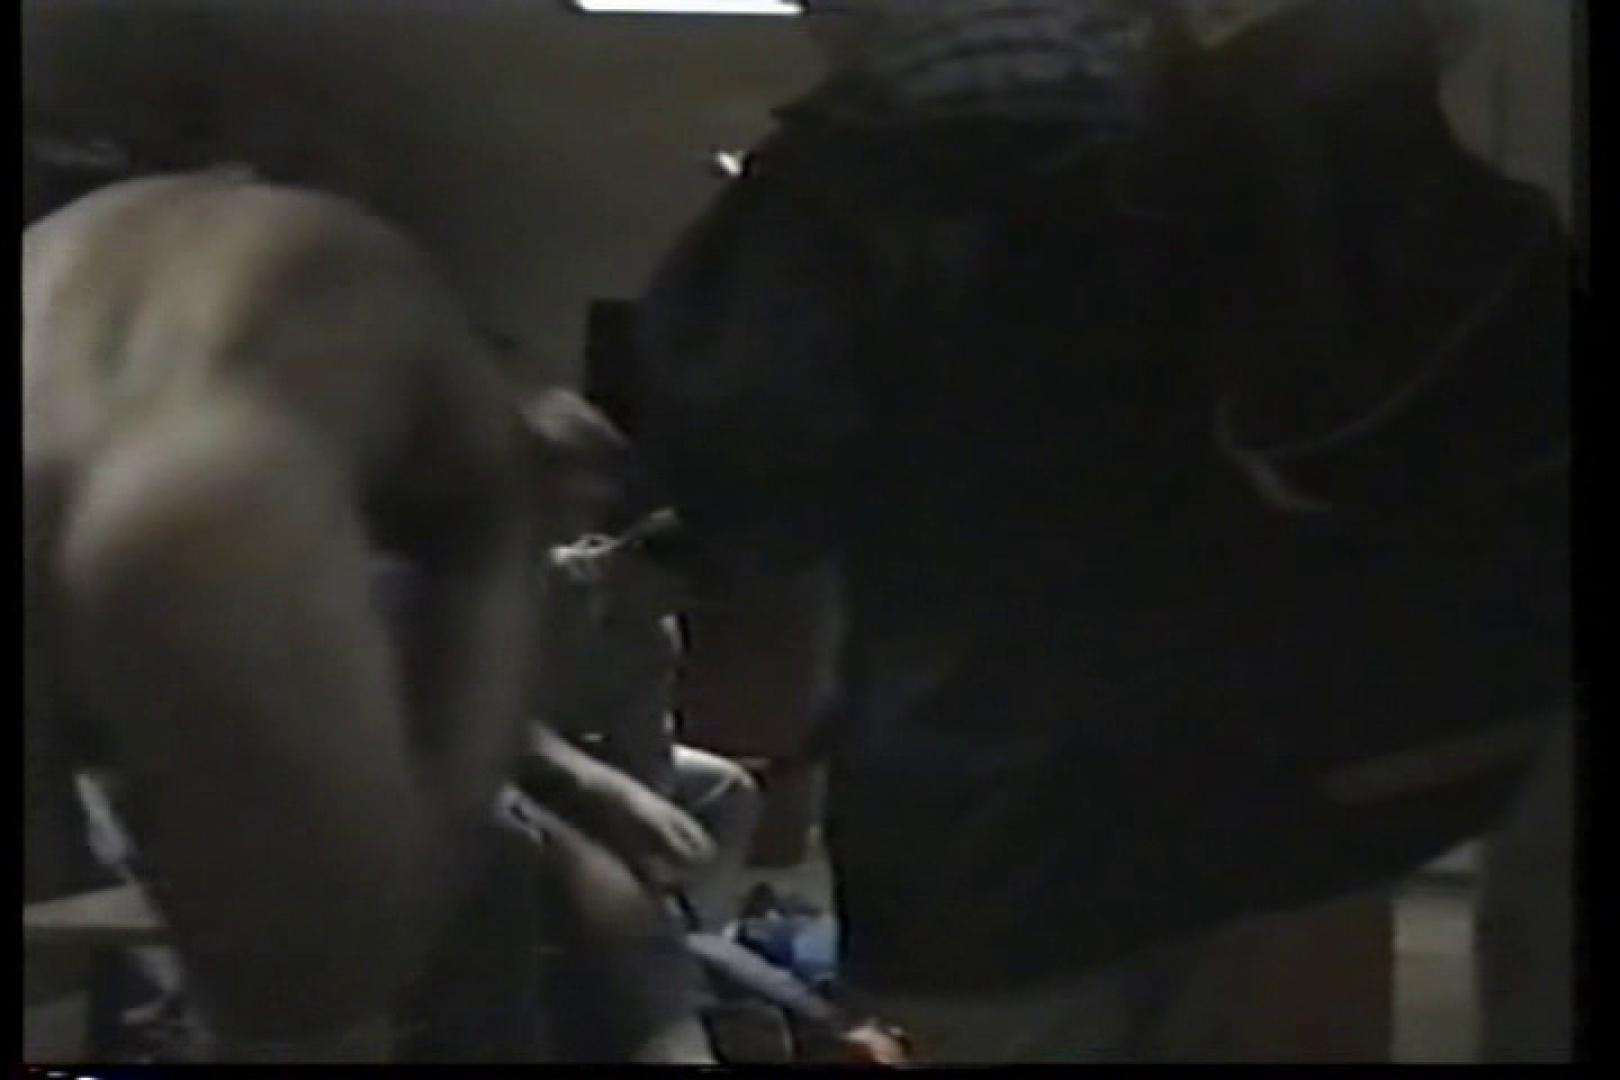 洋人さんの脱衣所を覗いてみました。VOL.3 のぞき  38pic 18